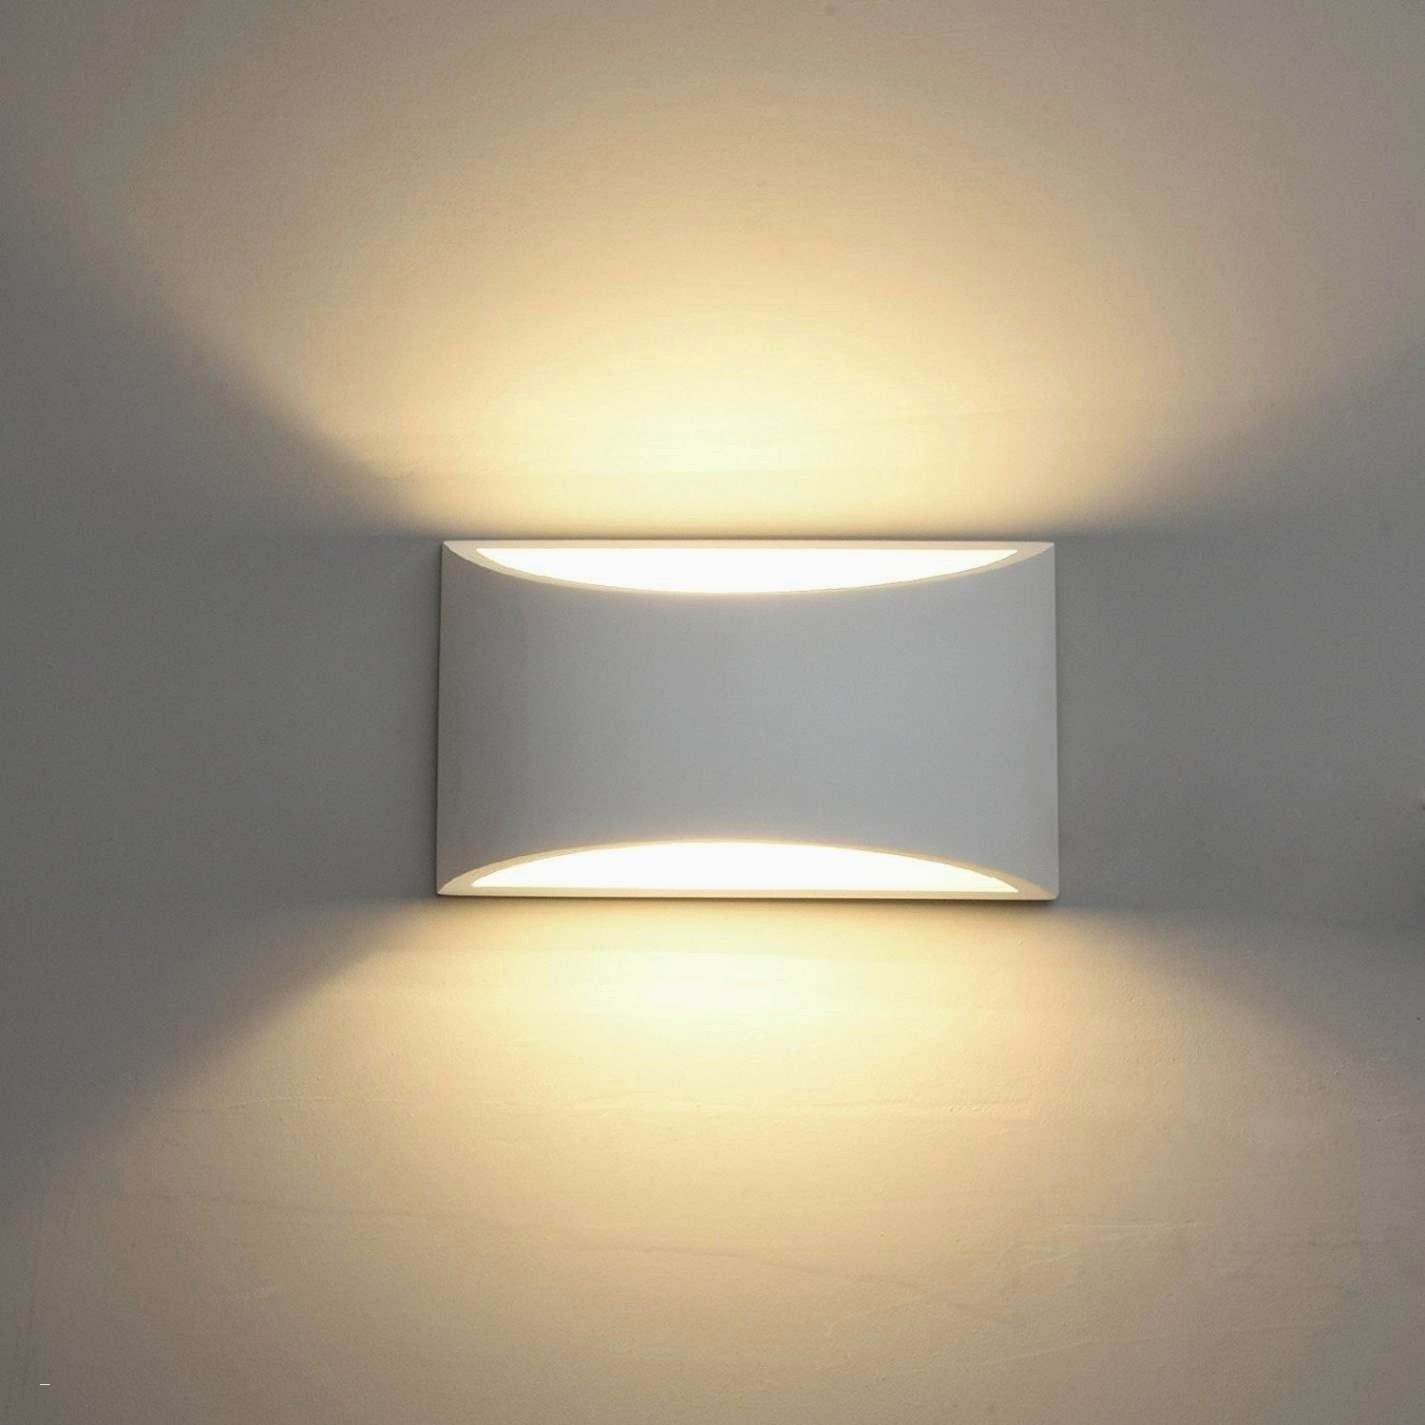 21 Neu Küche Unterbauleuchte Hallway lighting, Living